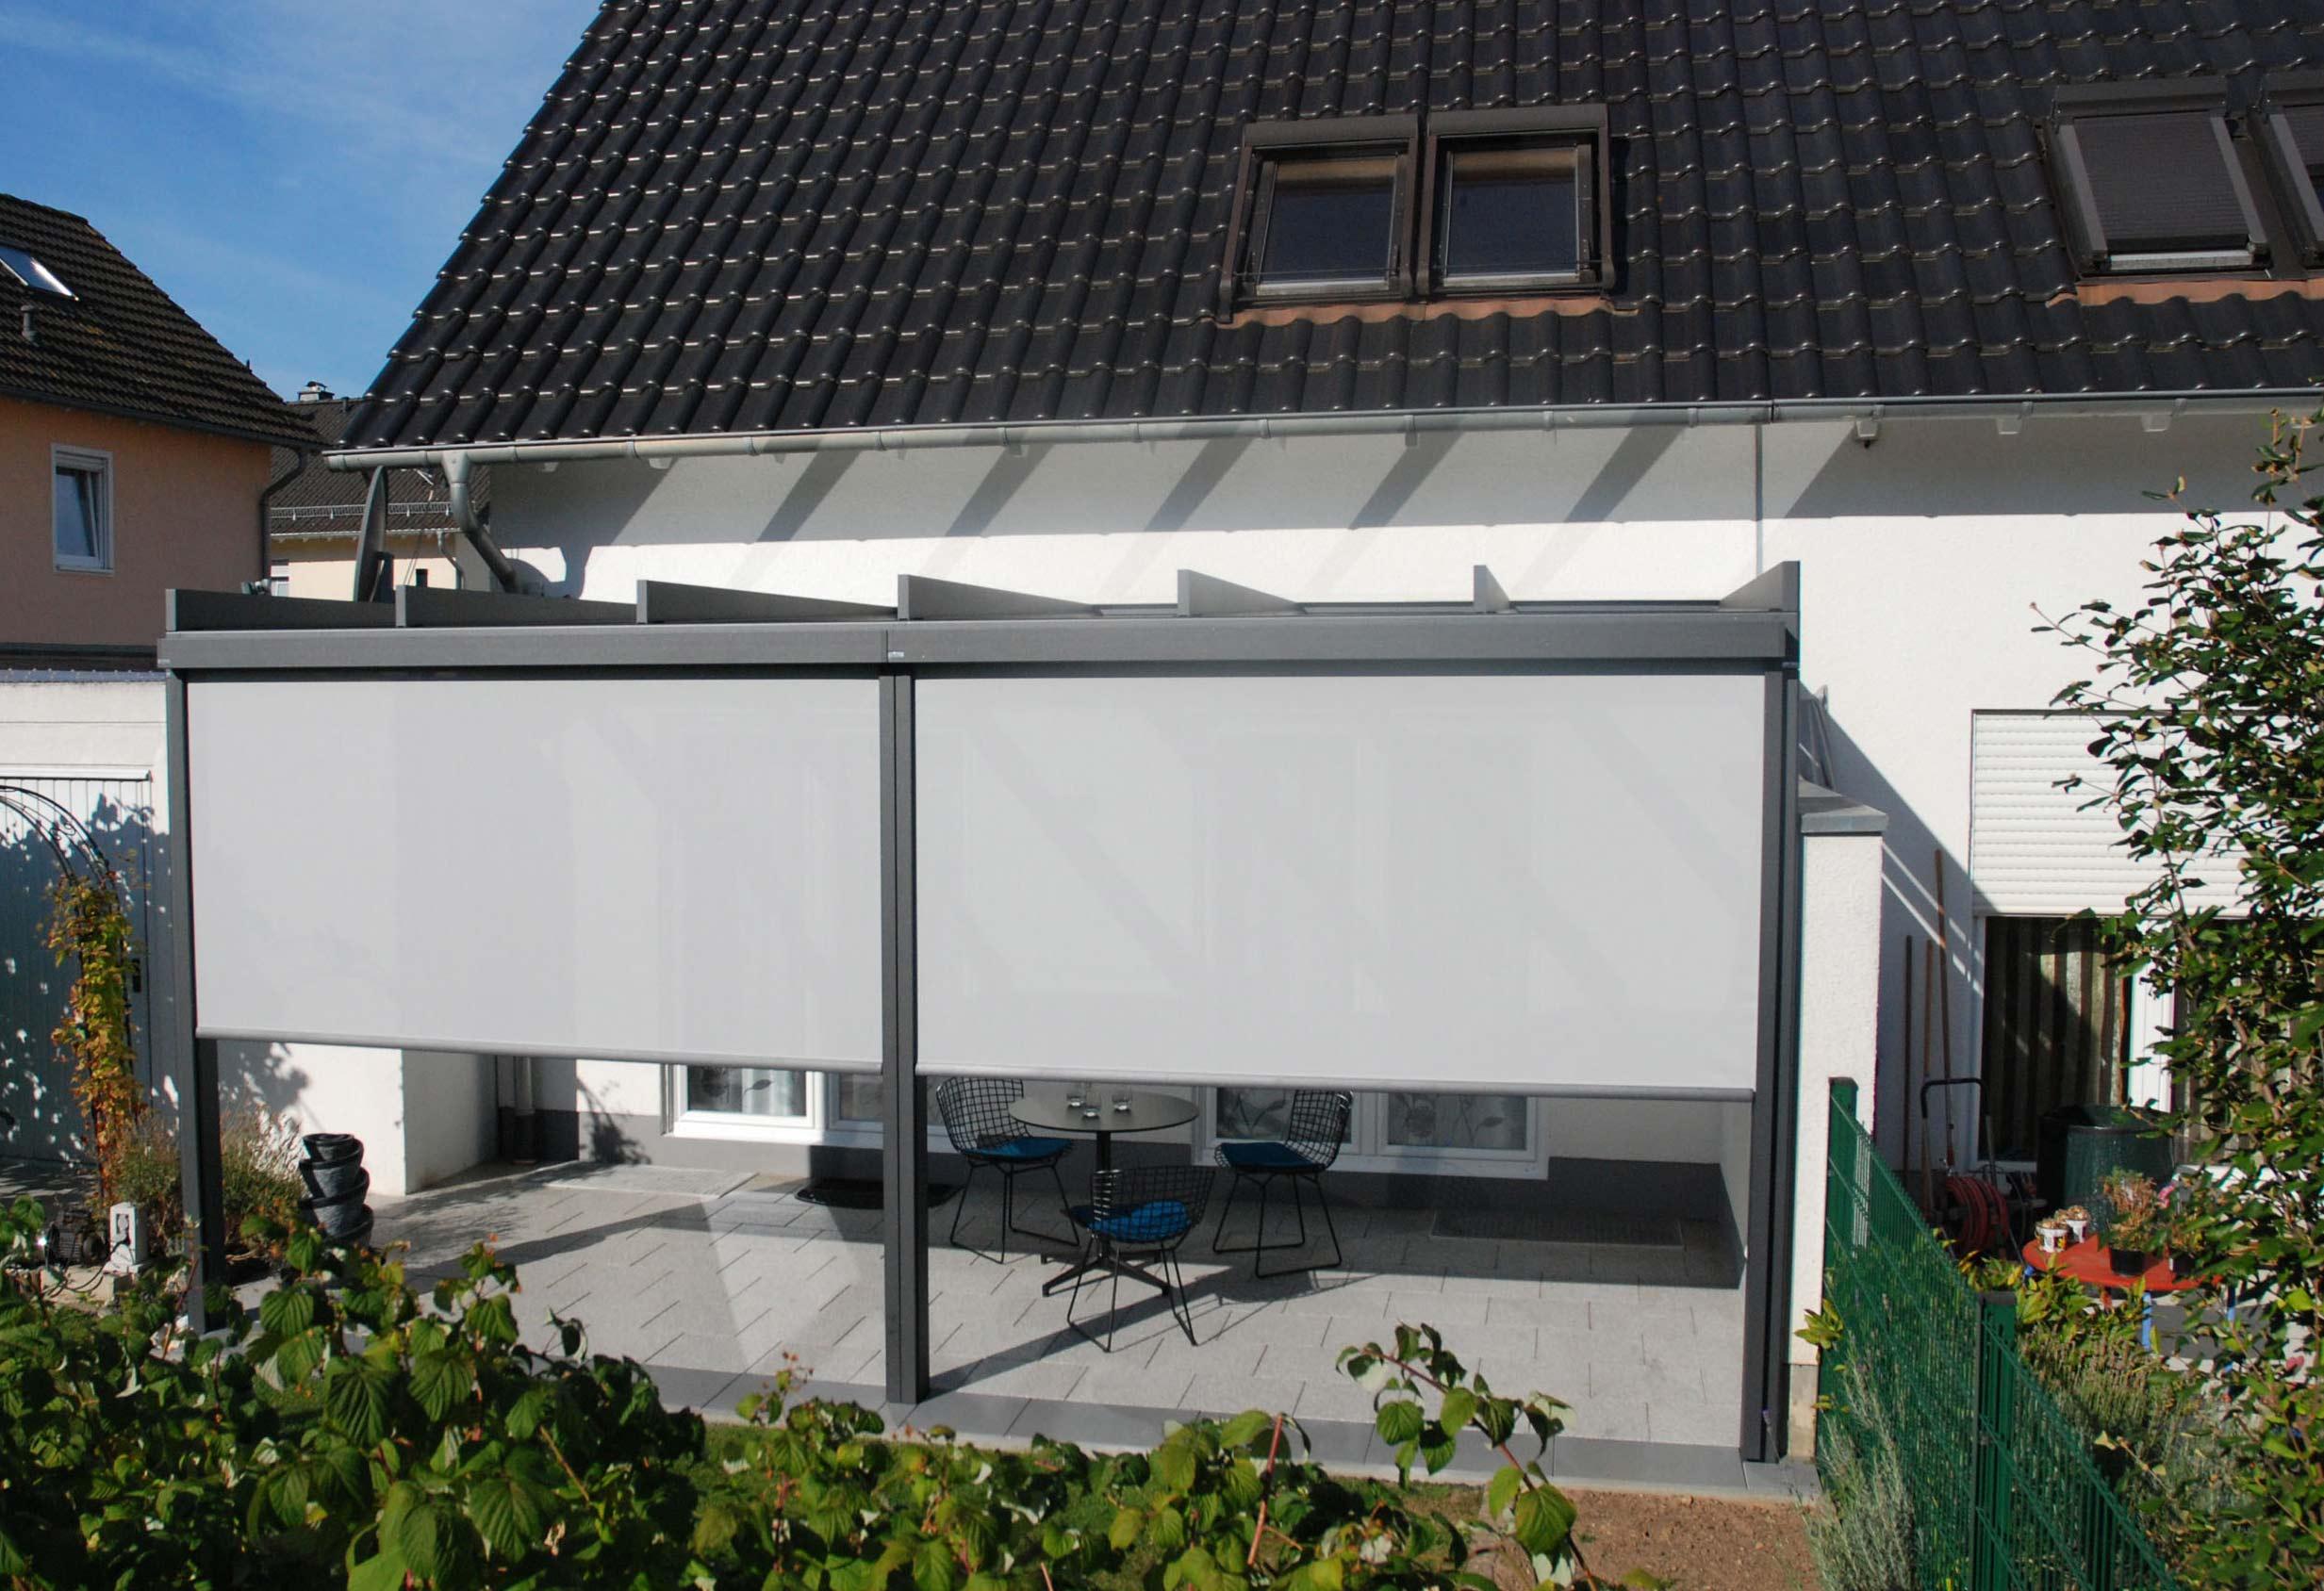 Senkrechter Sonnenschutz für mehr Privatsphäre auf der Terrasse